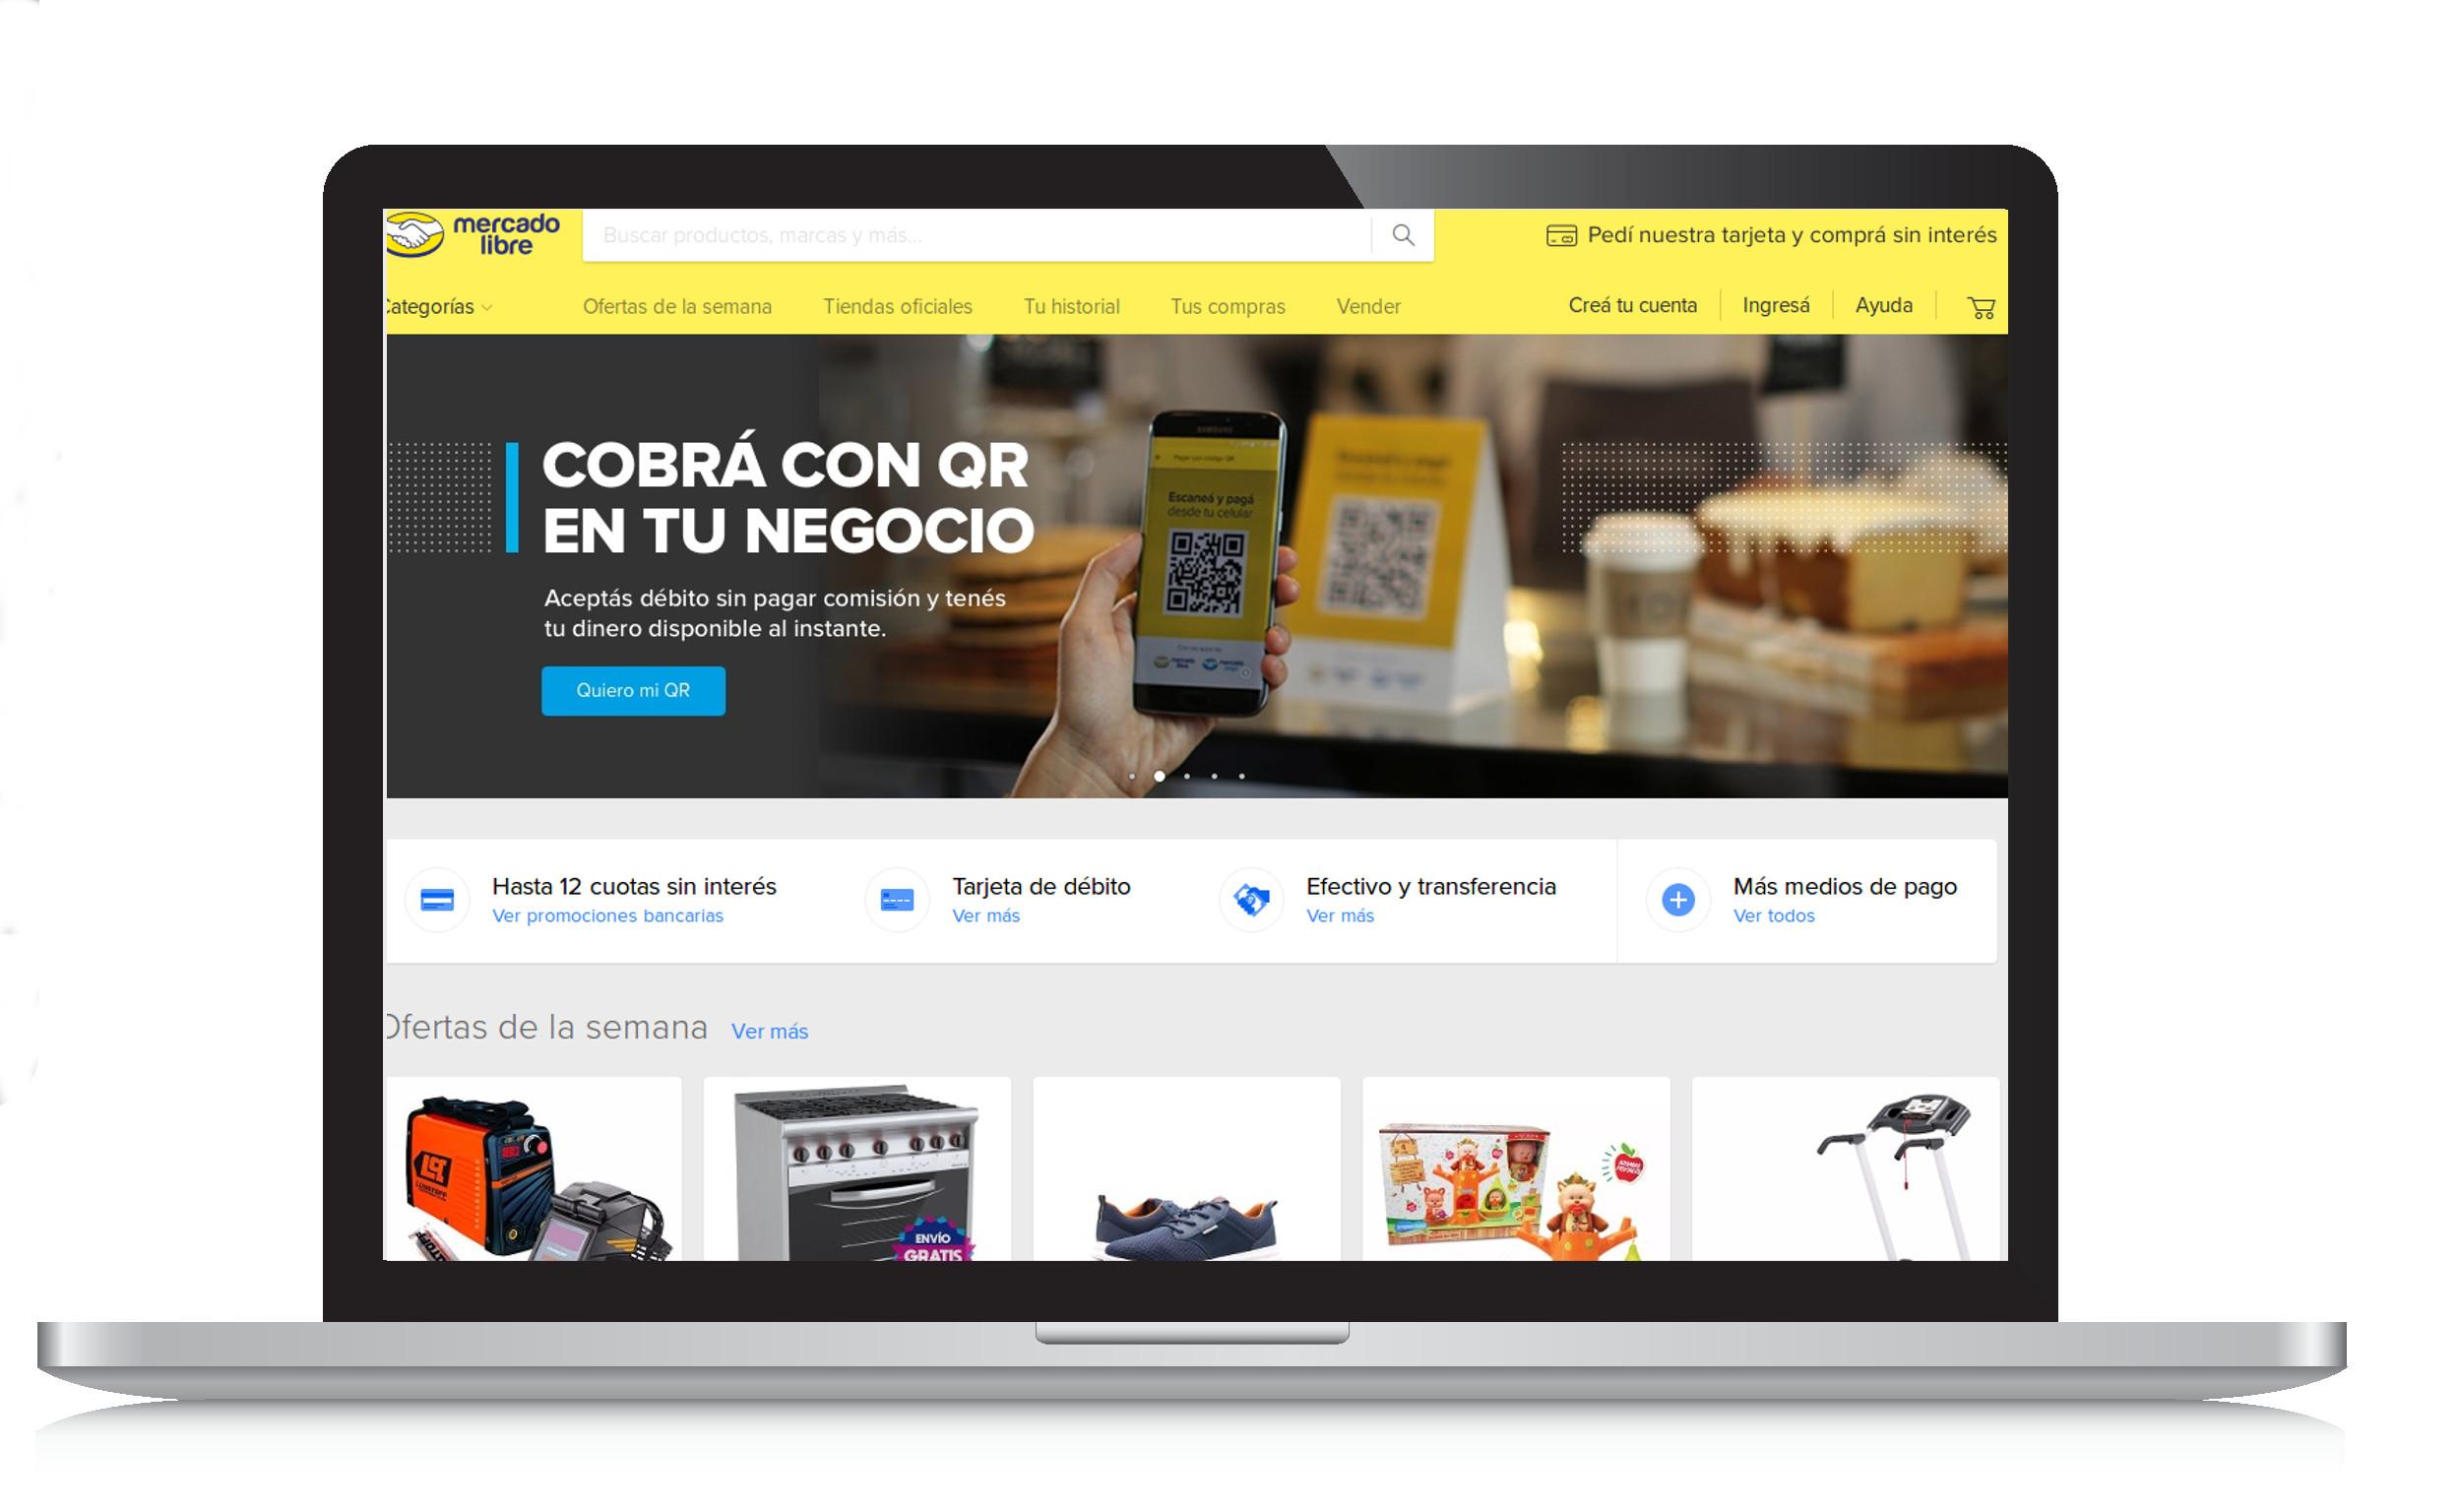 akcie MercadoLibre